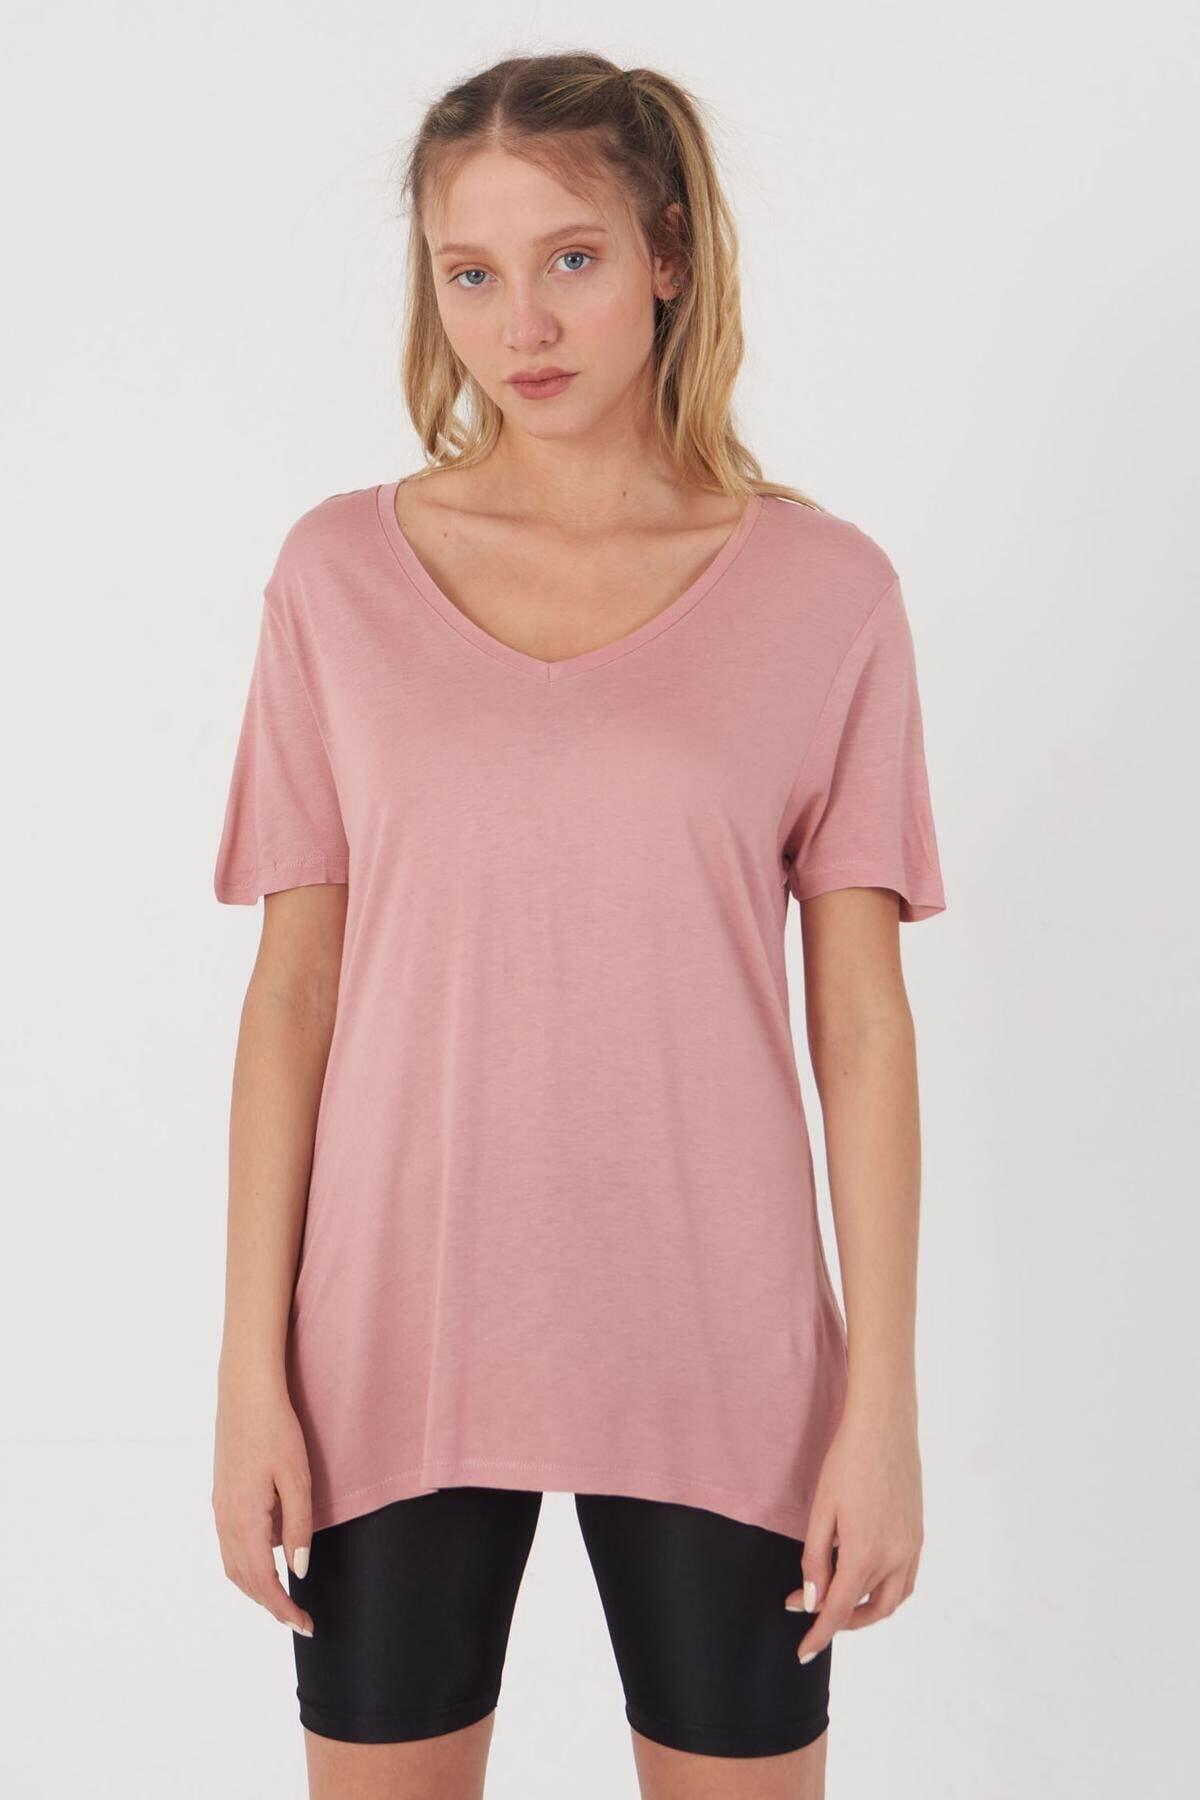 Addax Kadın Pudra V Yaka T-Shirt B0225 - L7 - L8 Adx-00008886 1